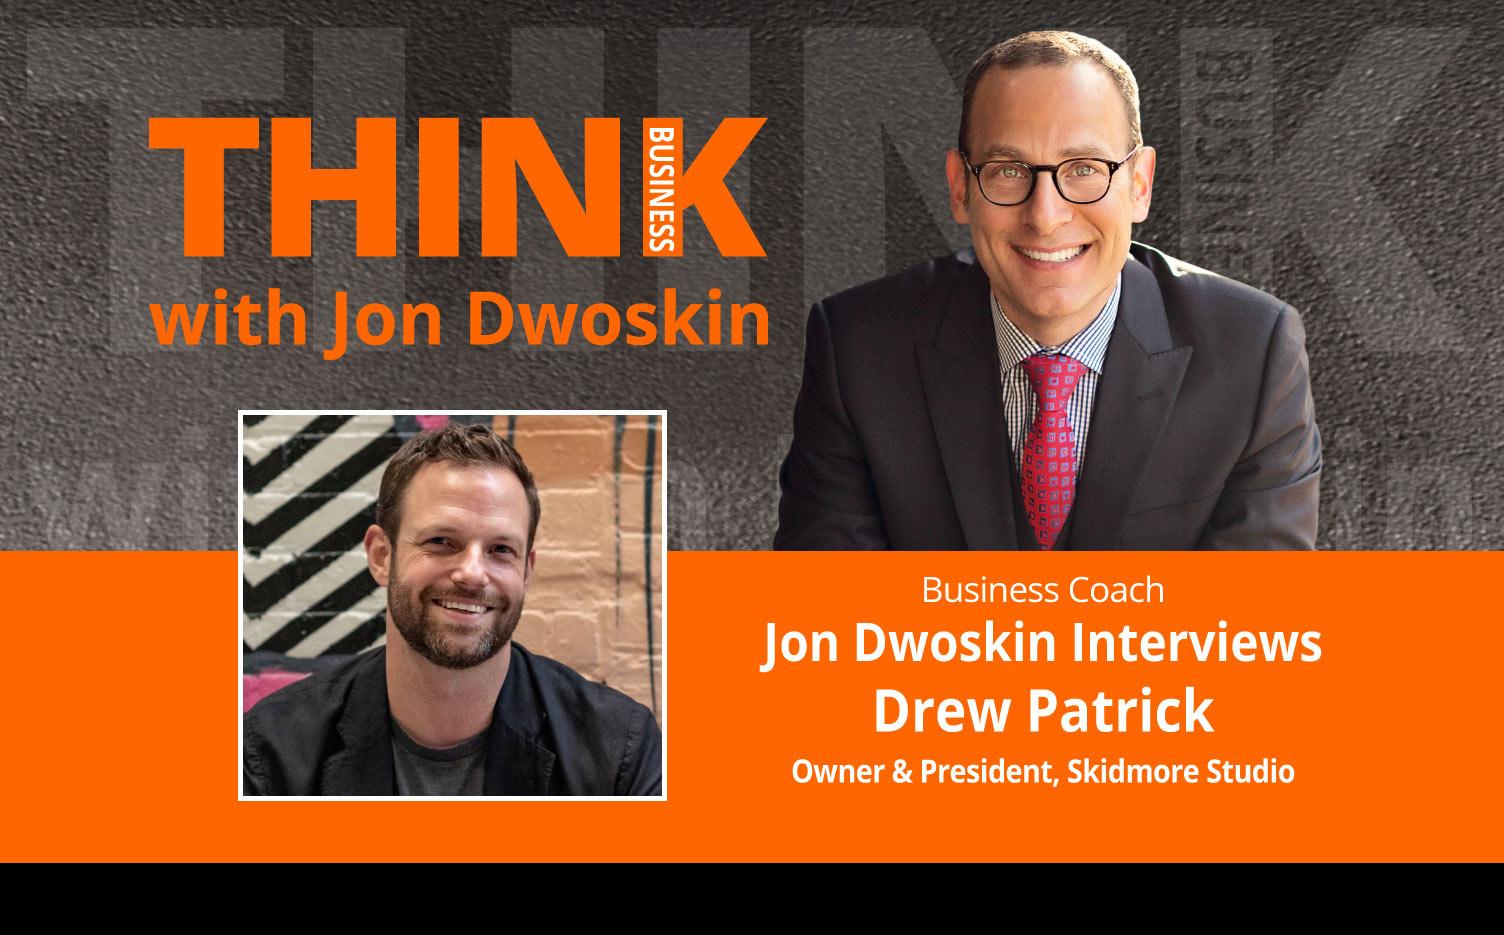 Jon Dwoskin Interviews Drew Patrick, Owner & President, Skidmore Studio